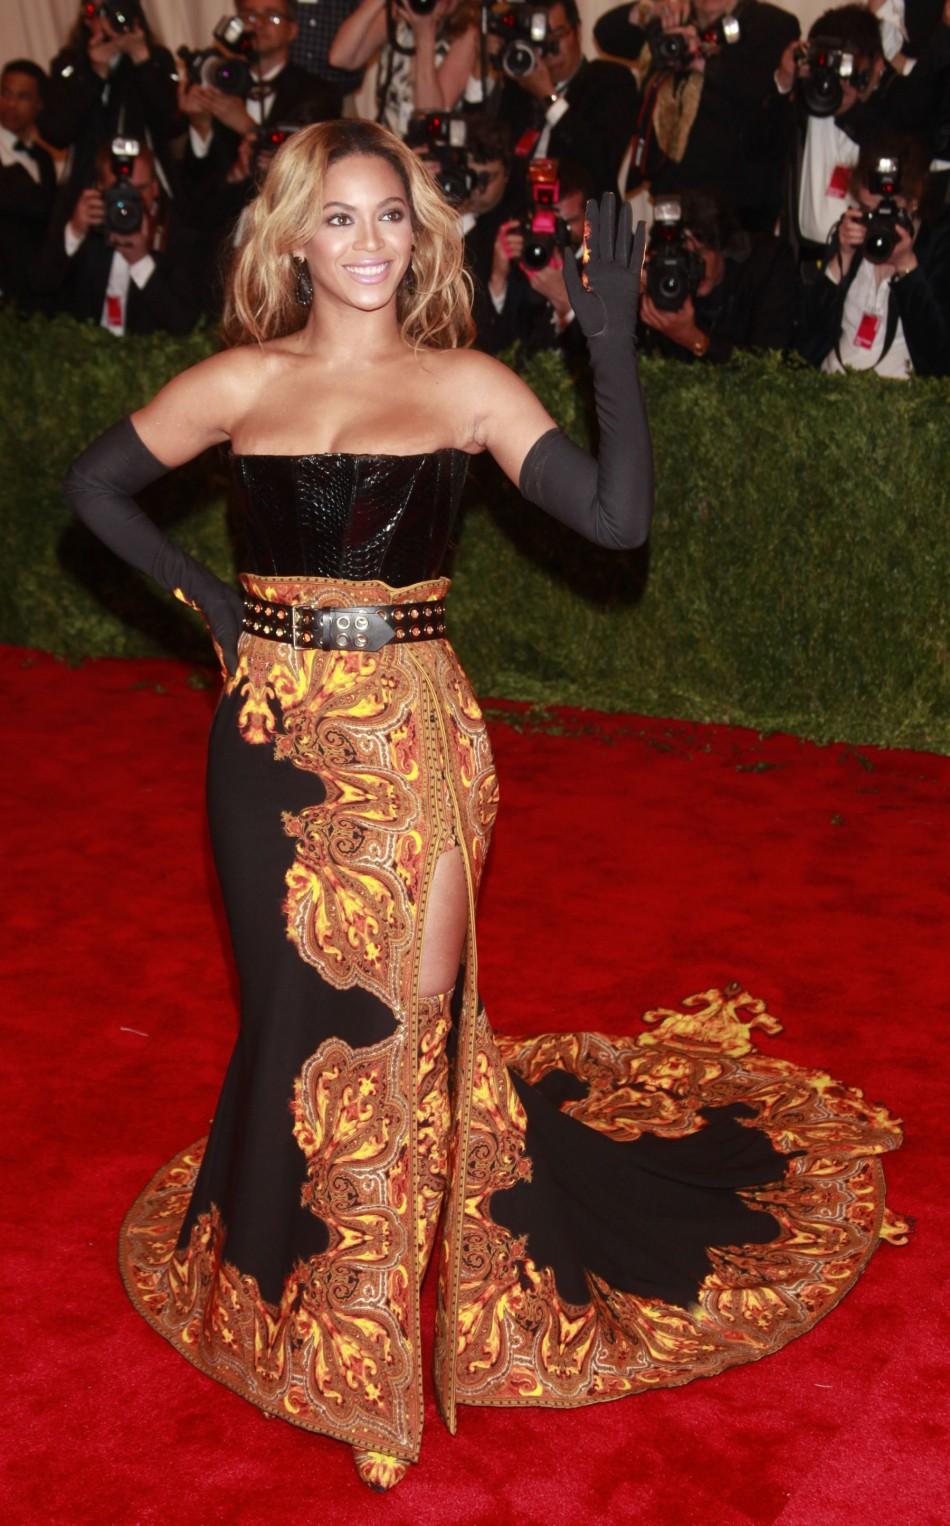 10. Beyonce, Singer